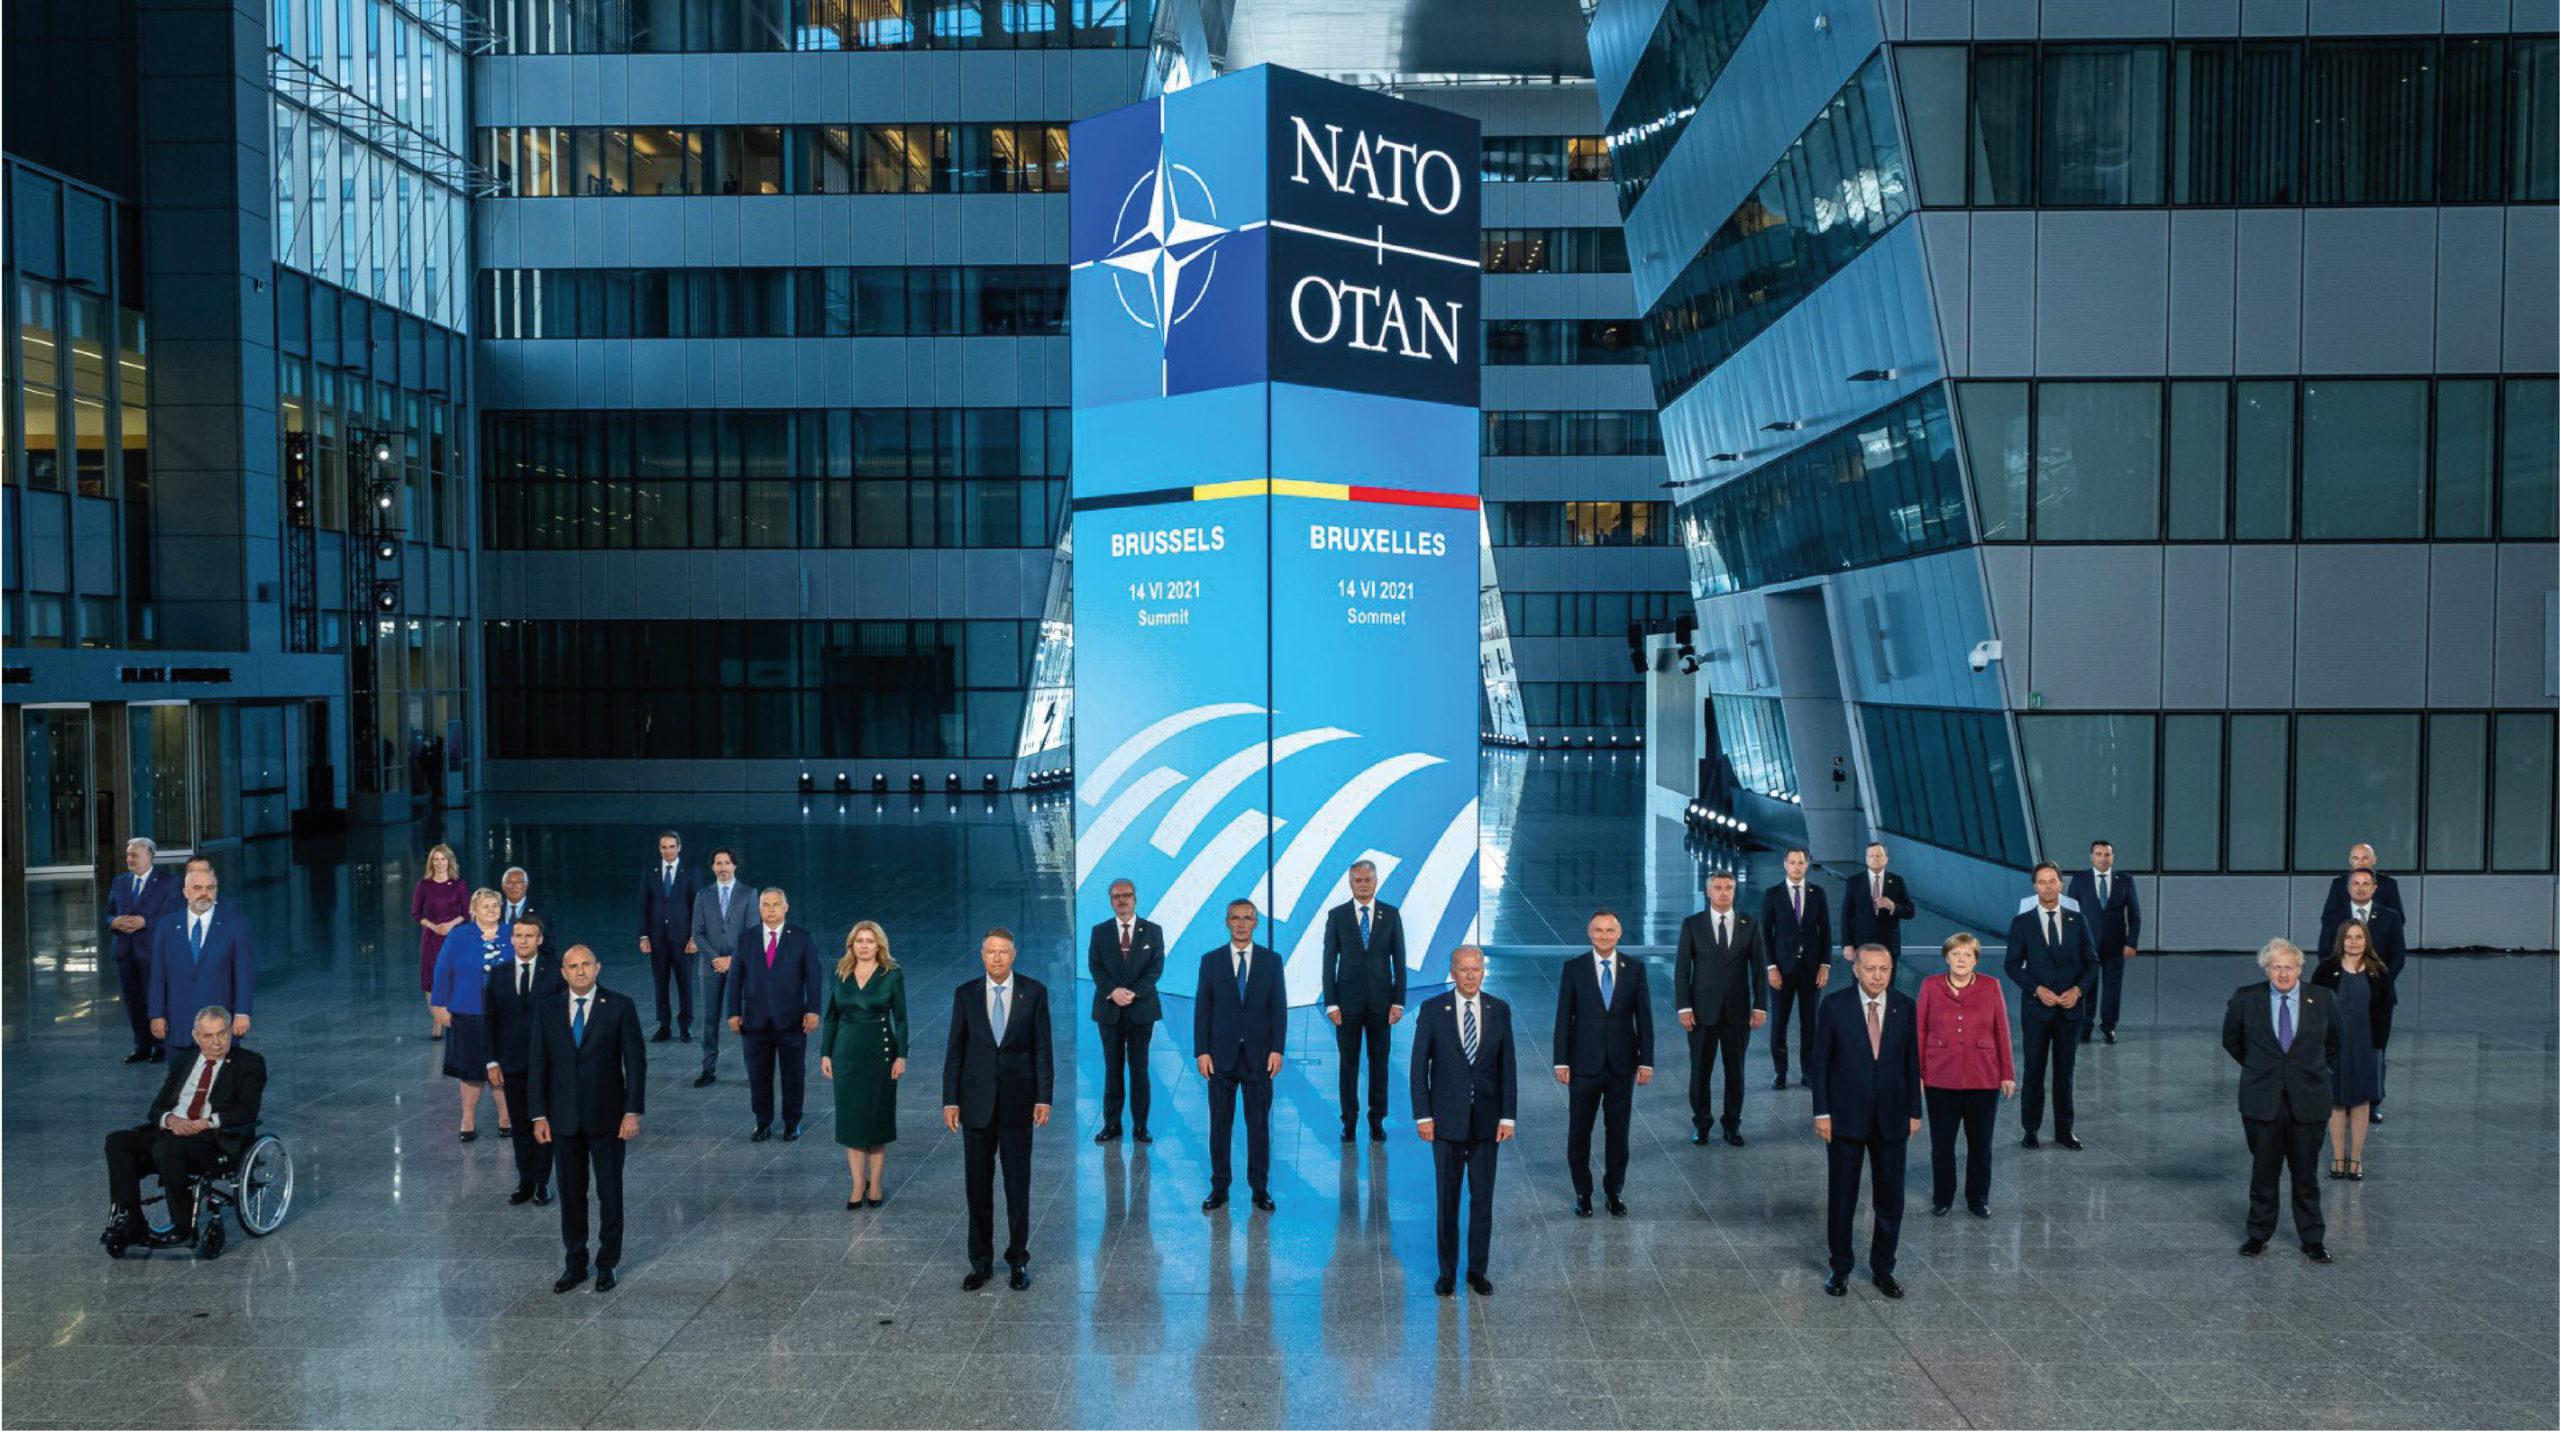 Comienza la cumbre de la OTAN encaminada a la Agenda 2030